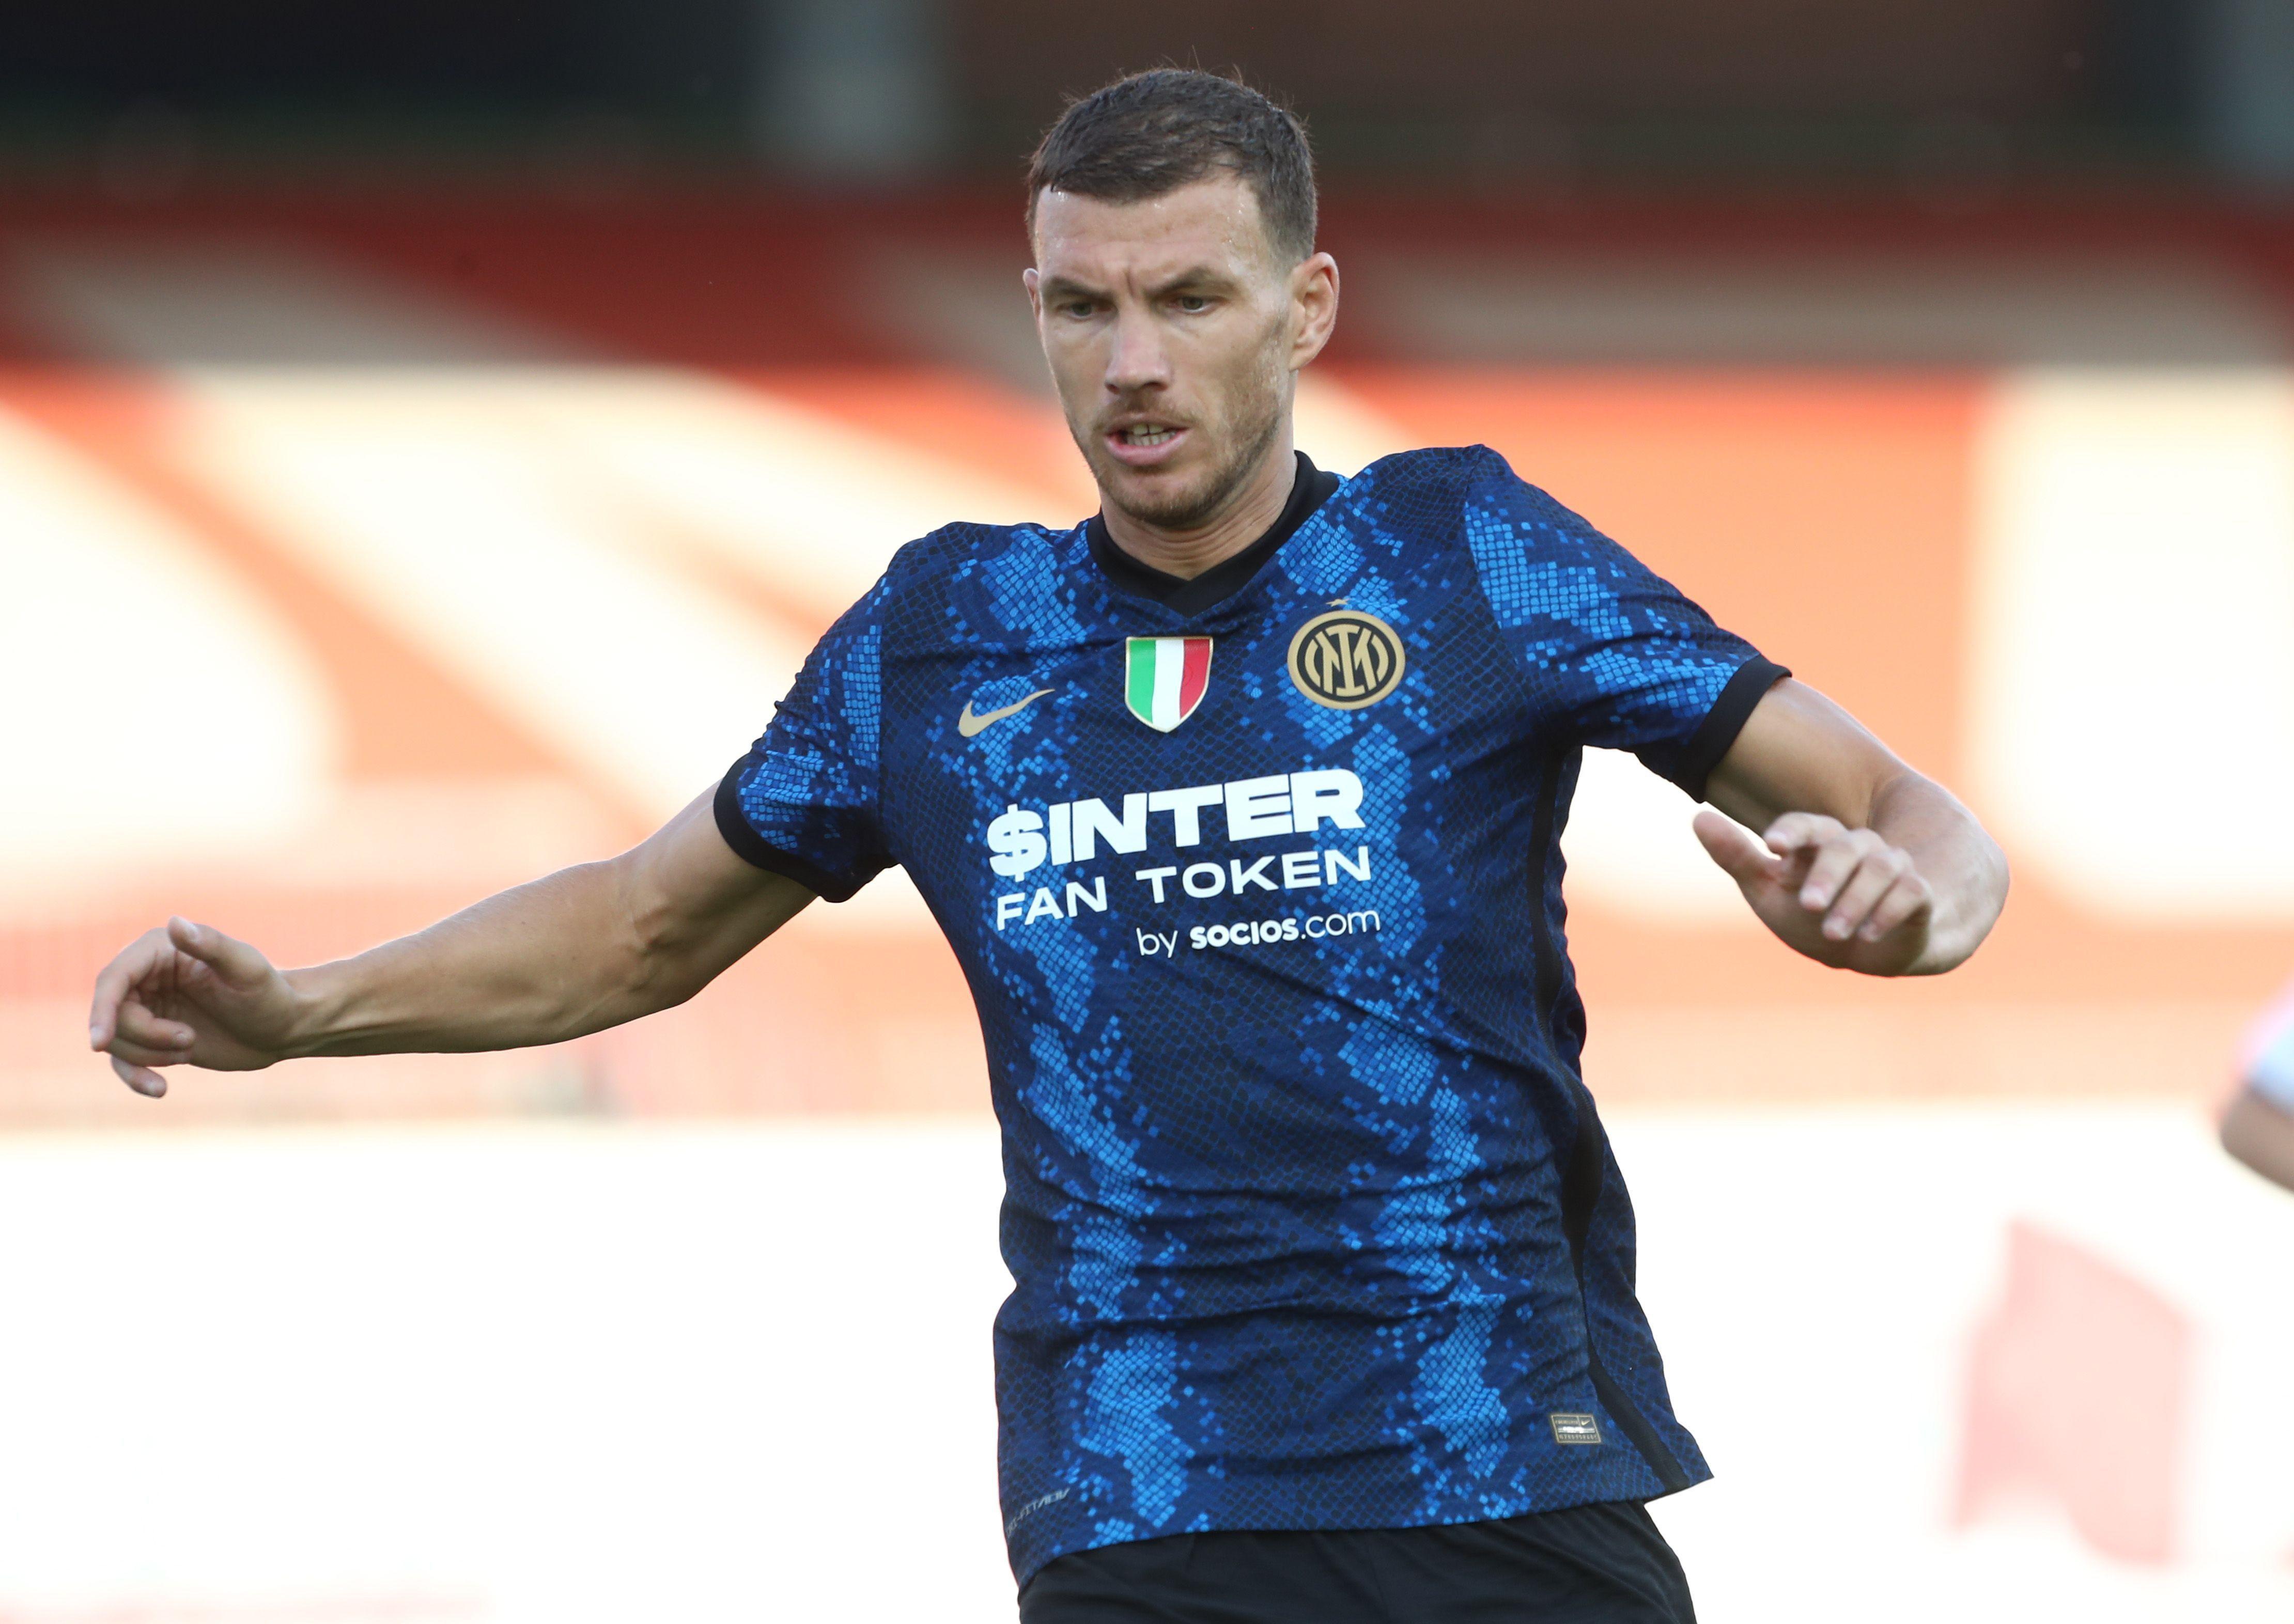 Primi minuti con la maglia dell&#39;Inter per Edin Dzeko. Il centravanti bosniaco &egrave; il nuovo acquisto nerazzurro ed &egrave; sceso in campo dal primo minuto contro la Dinamo Kiev in amichevole trovando subito il primo gol della nuova avventura.<br /><br />